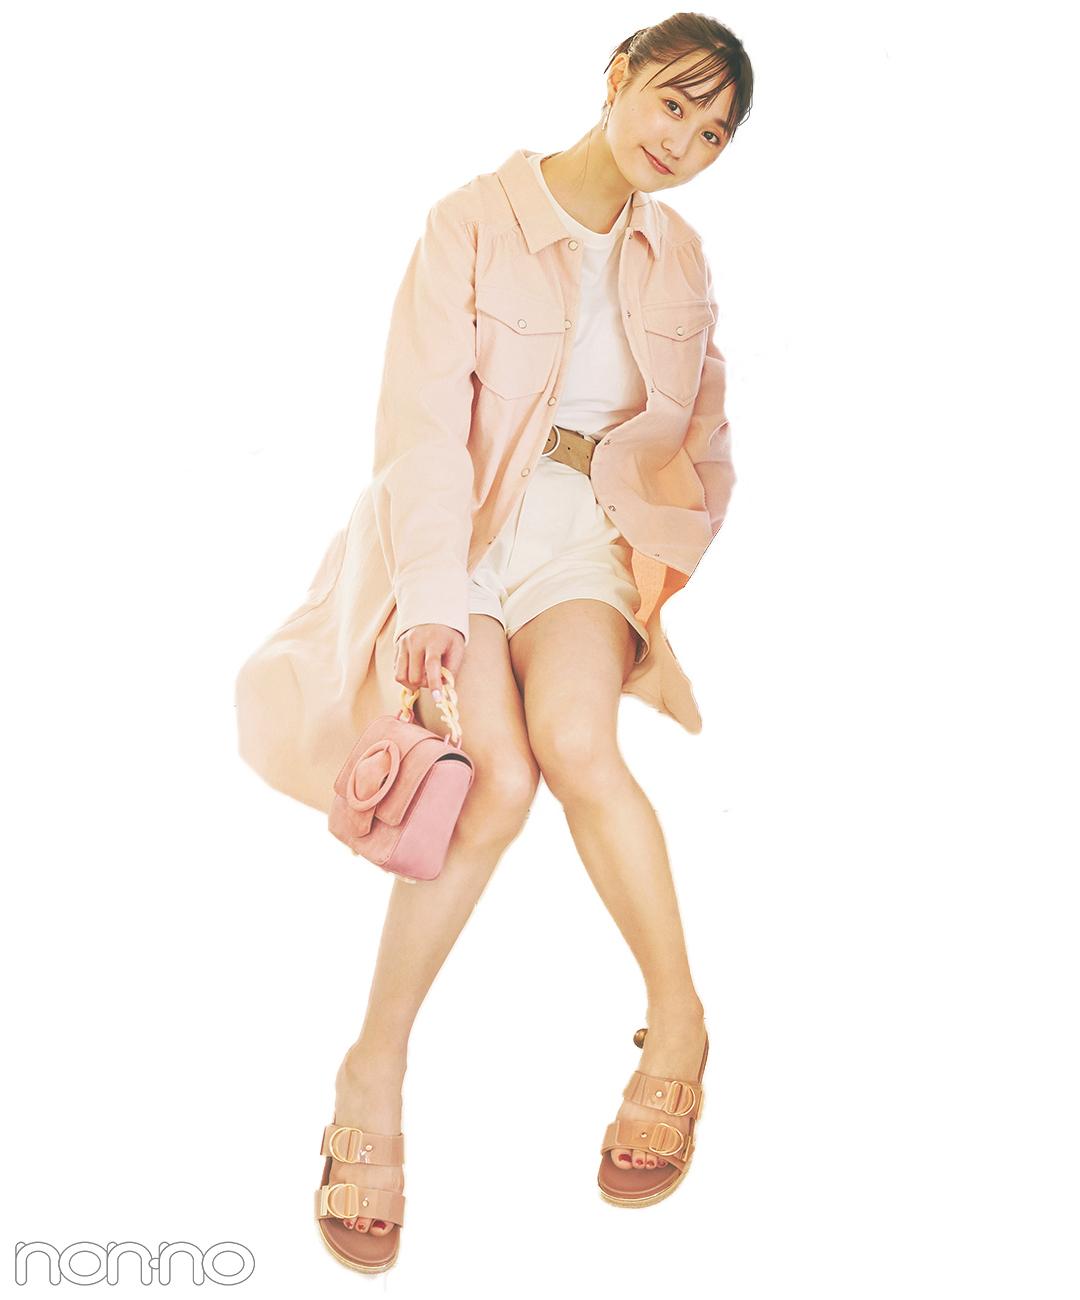 【春→夏ショートパンツコーデ】カジュアルコーデをぐっとフレッシュに魅せる色×白ショーパンで上品に